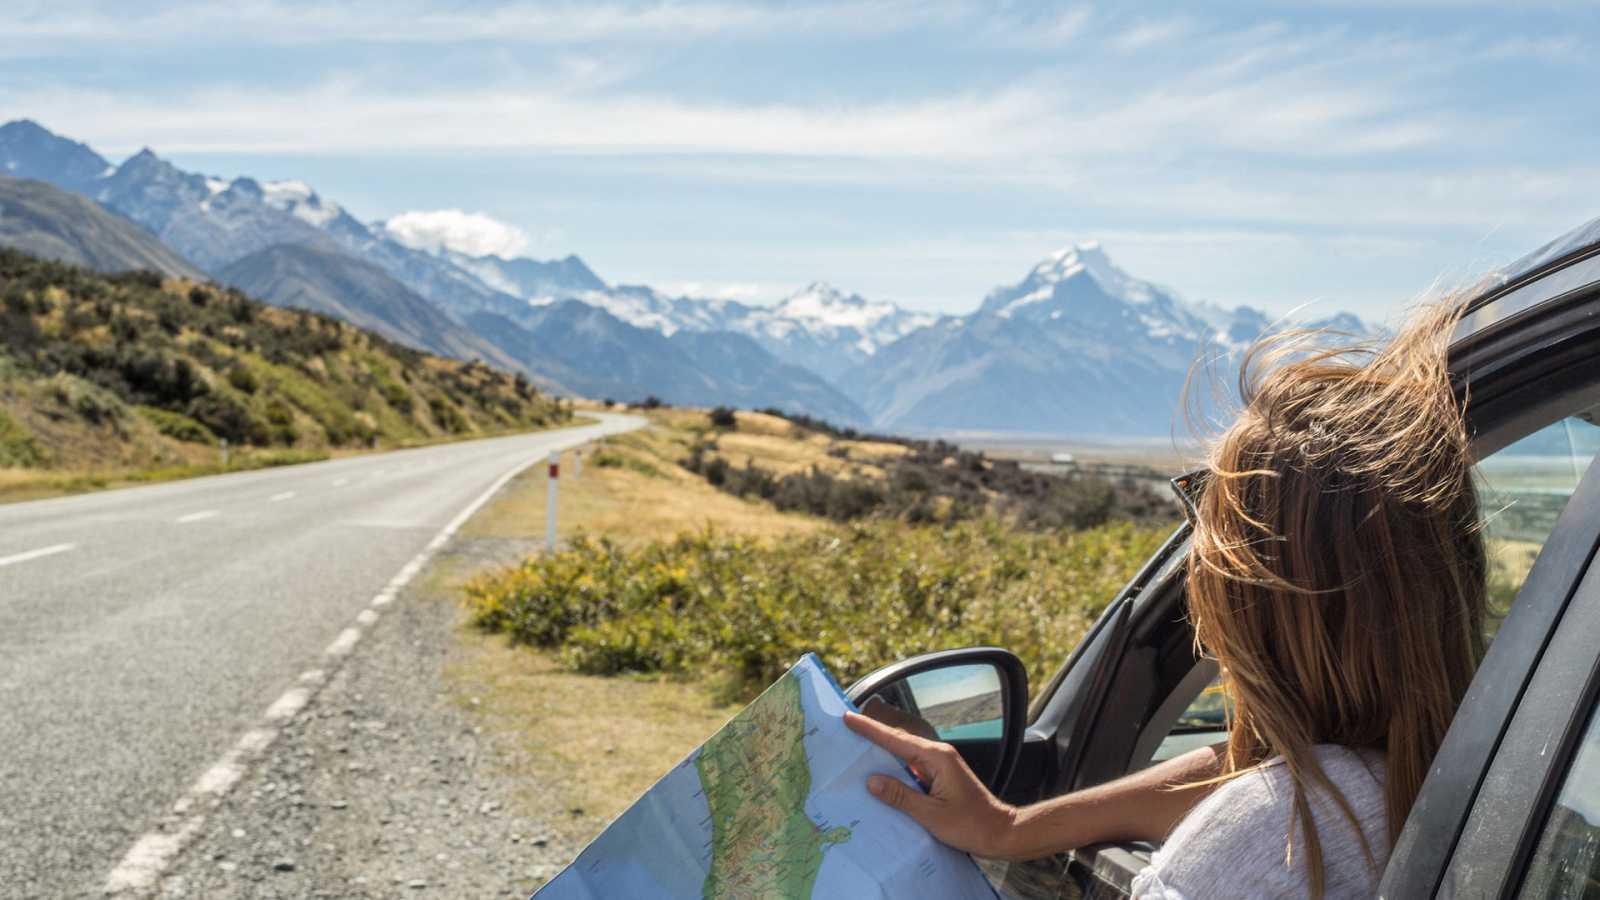 Españoles en el mundo - Avance del programa en Nueva Zelanda, Isla Sur